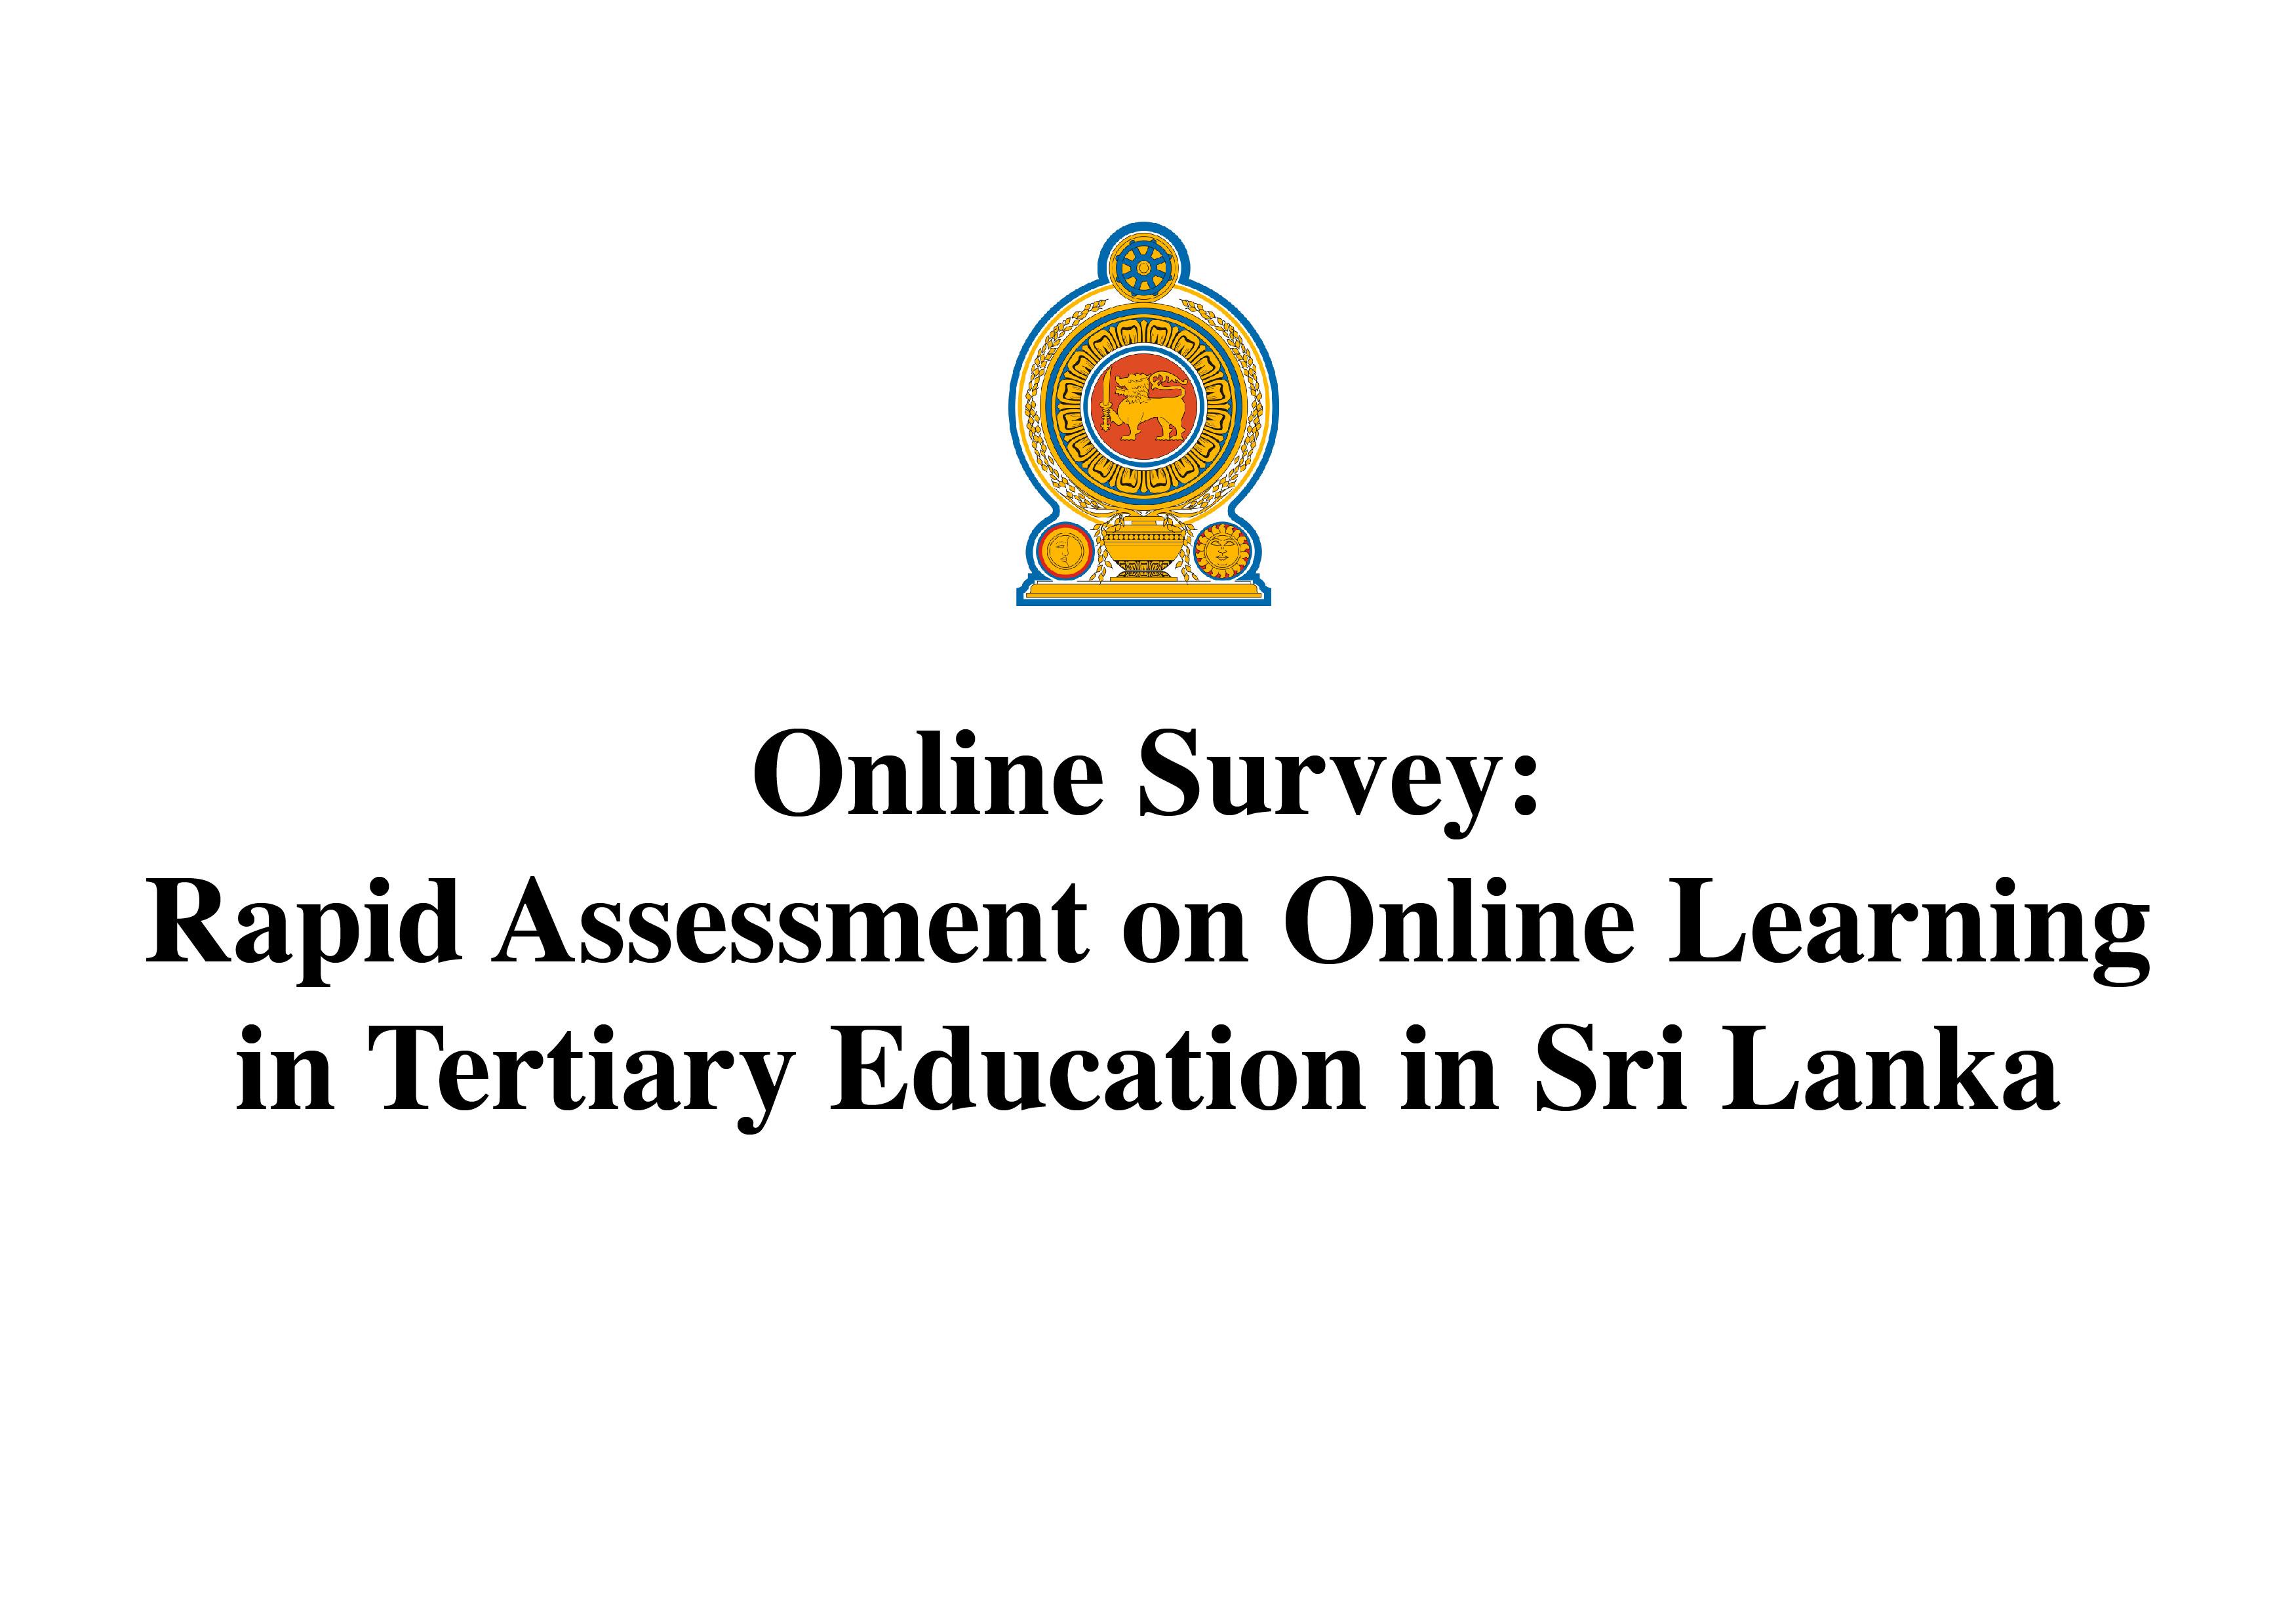 Online Survey: Rapid Assessment on Online Learning in Tertiary Education in Sri Lanka